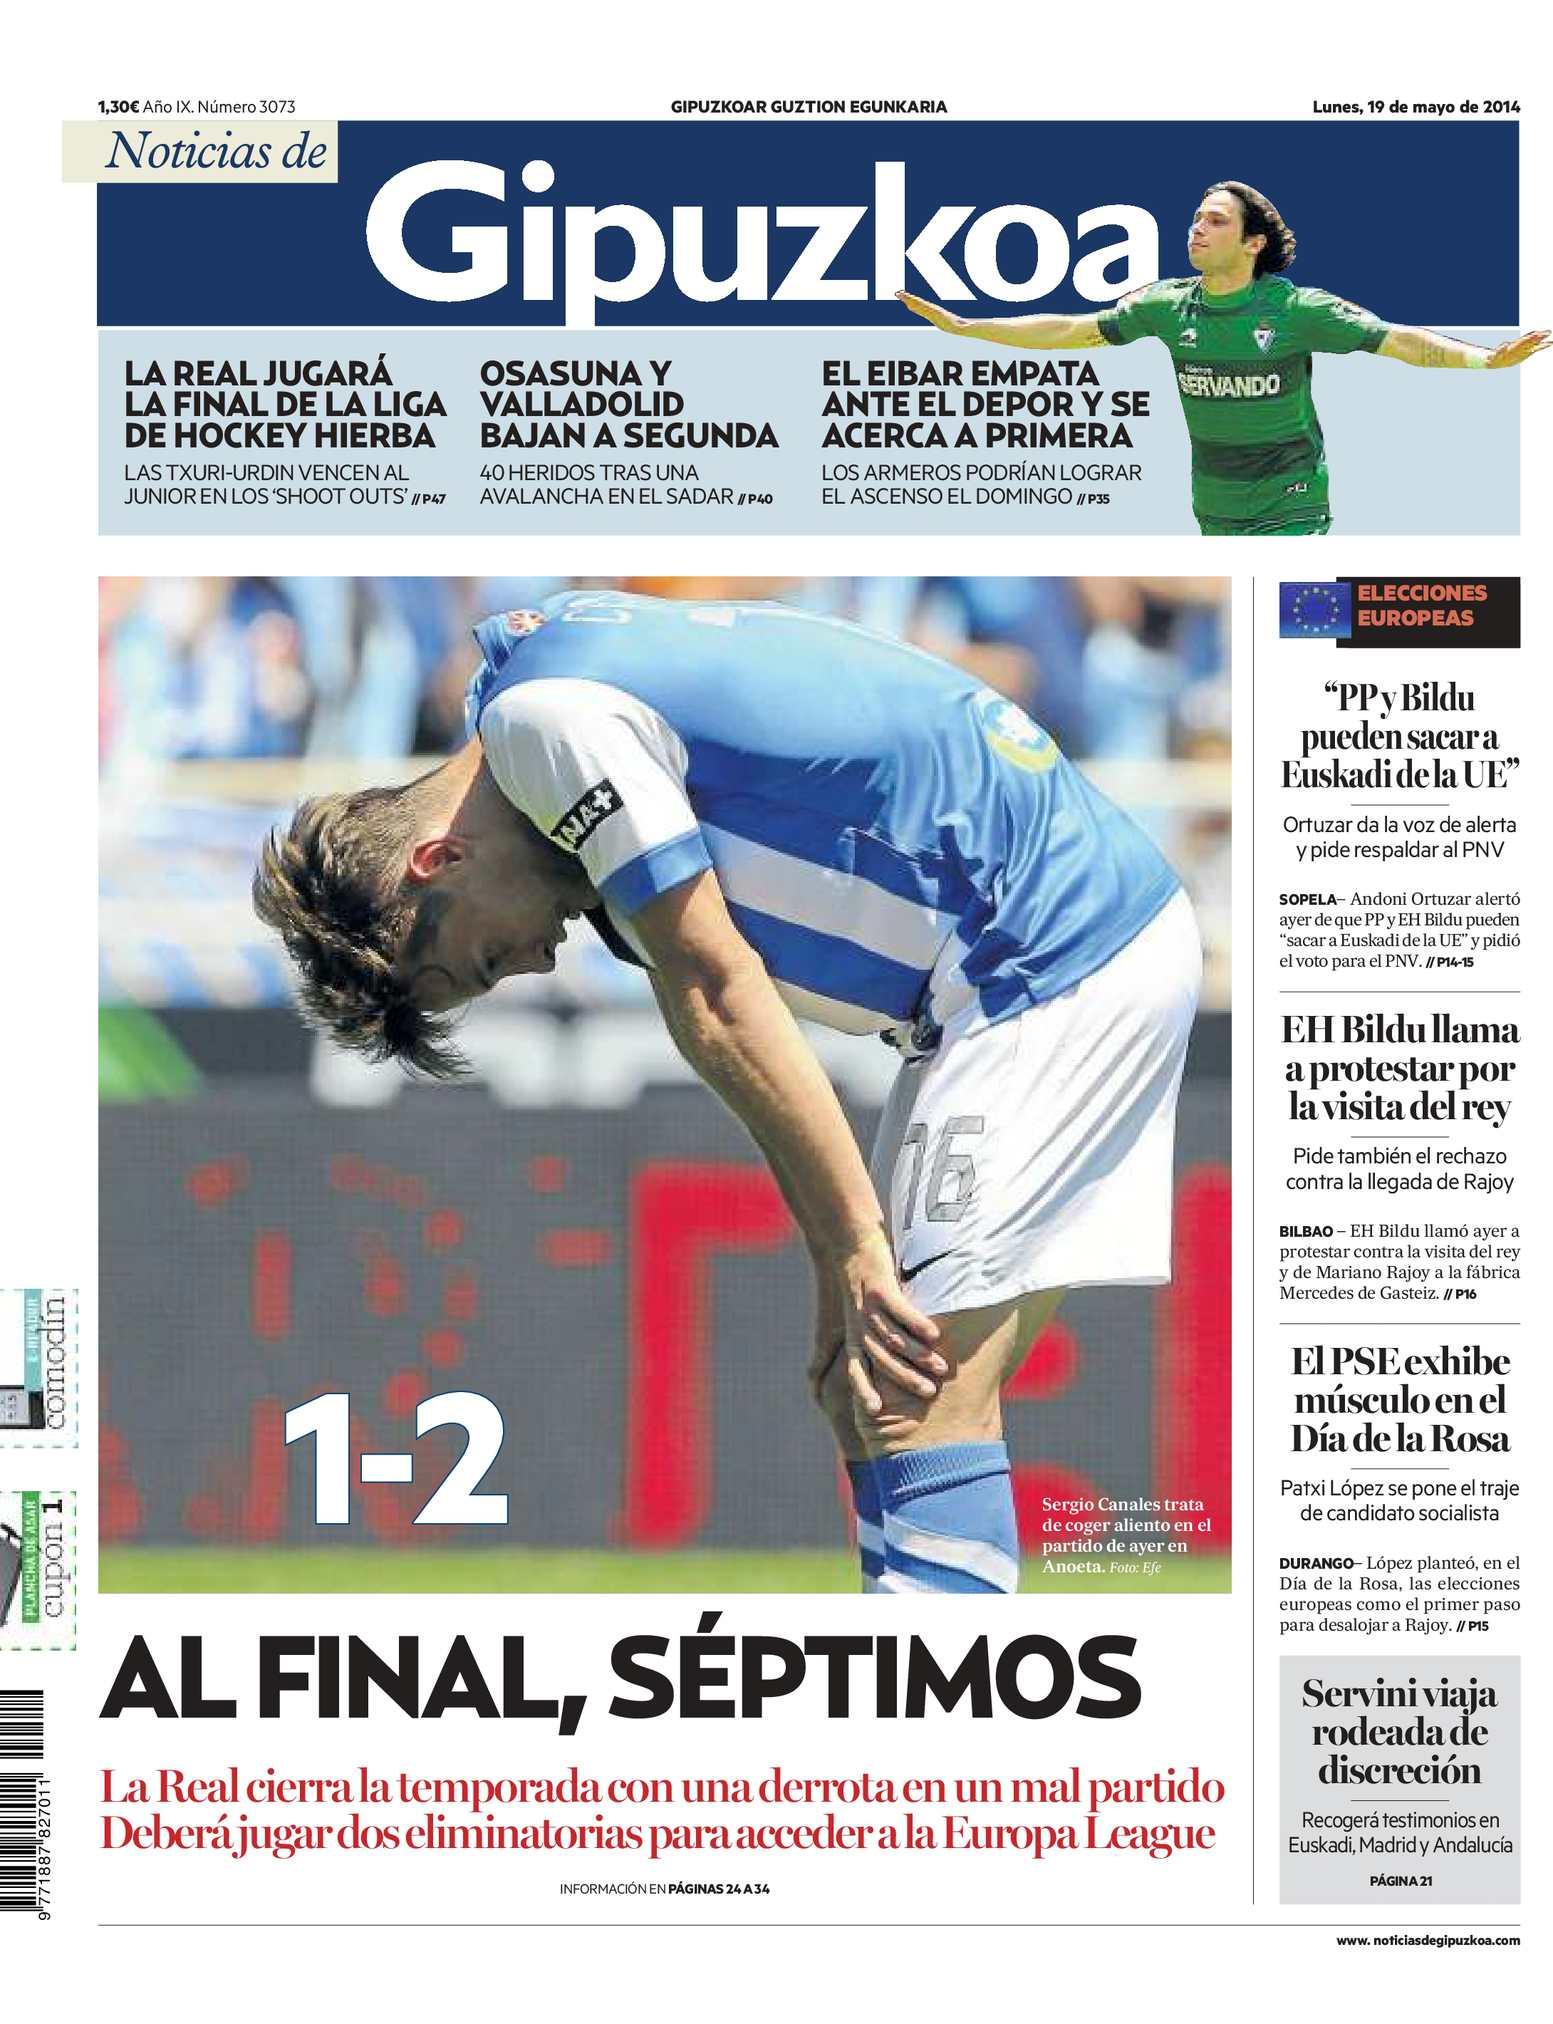 Calaméo - Noticias de Gipuzkoa 20140519 1c38e168e86f4